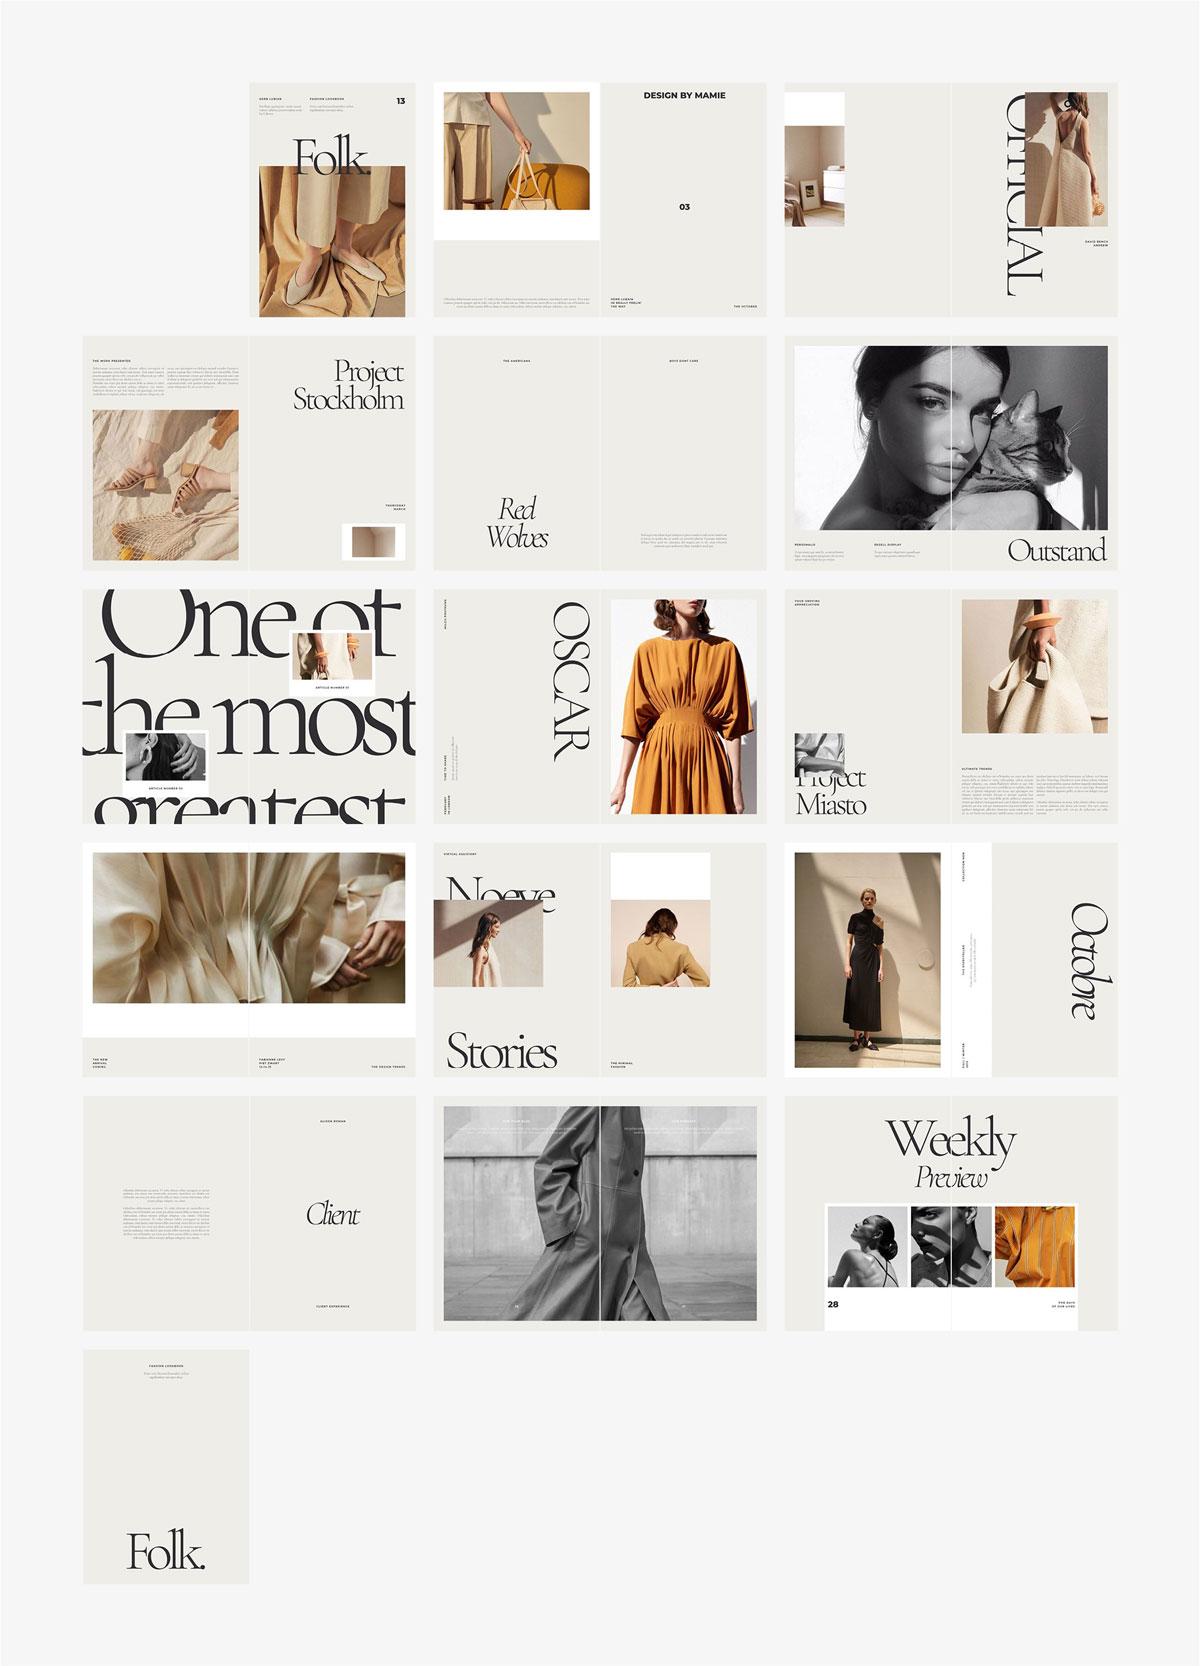 高端女性服装品牌宣传画册设计INDD模板 FOLK Fashion Lookbook插图(6)